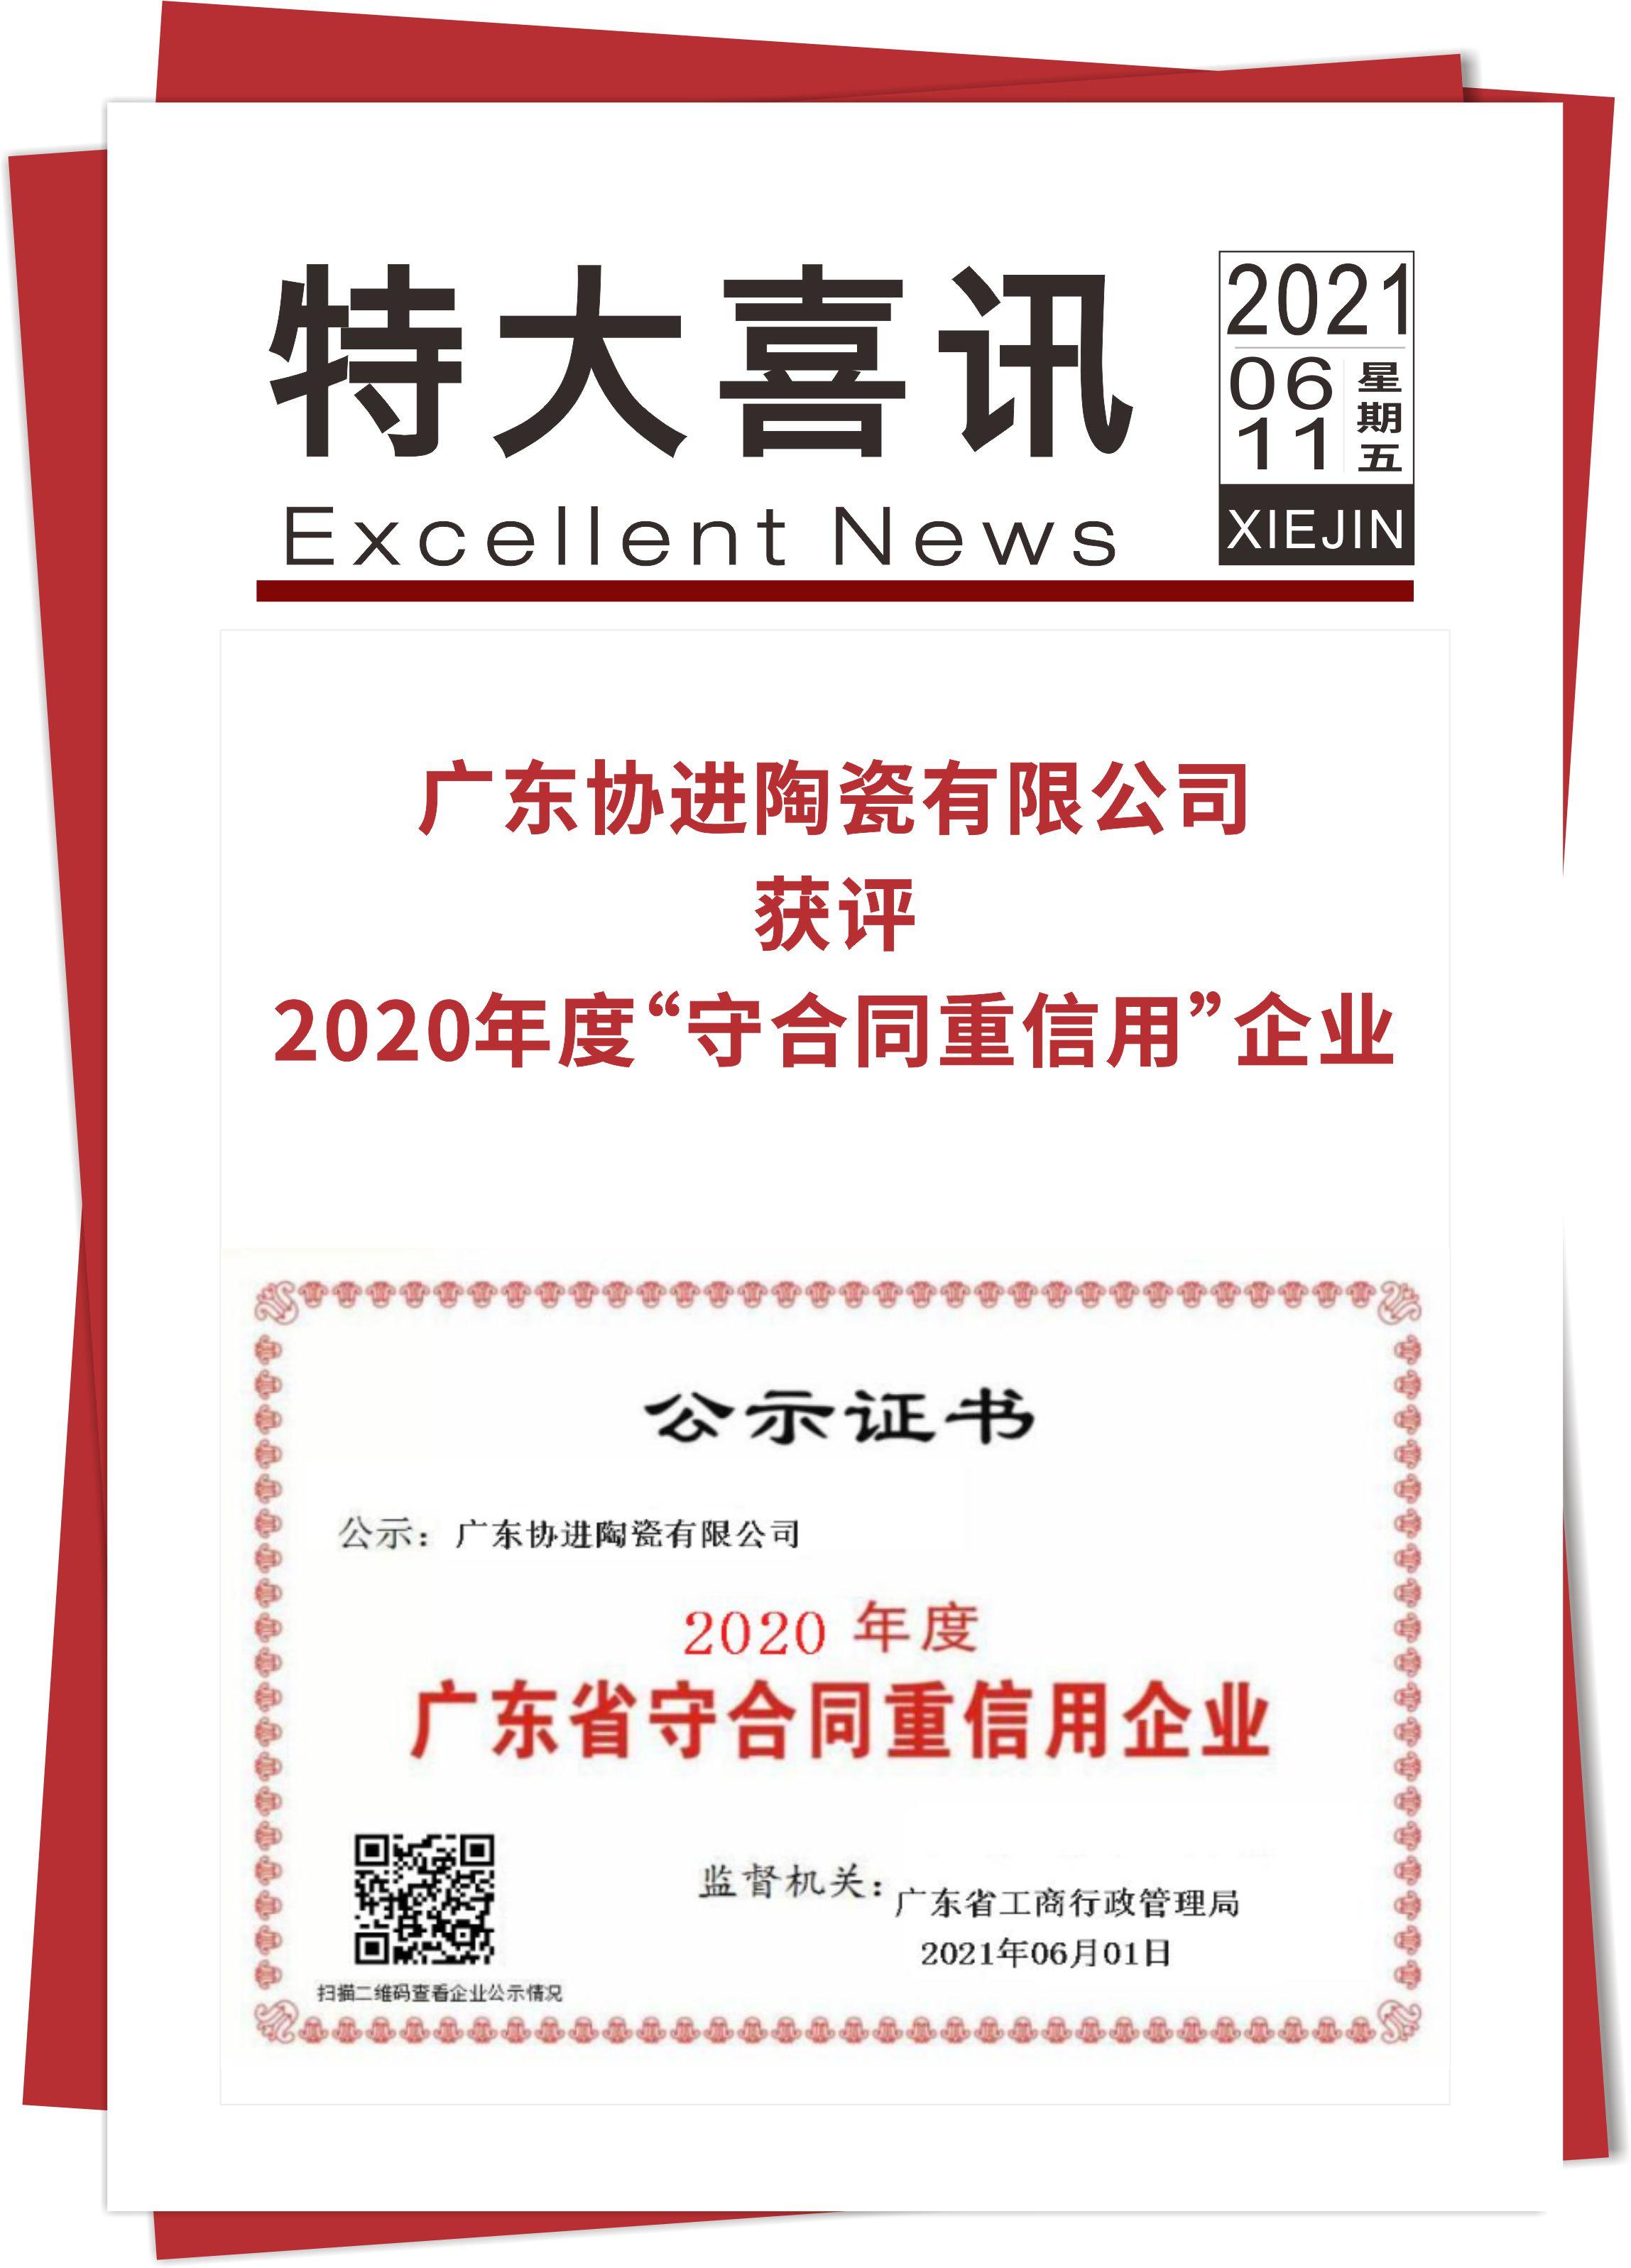 """喜讯! 广东协进陶瓷有限公司获评2020年度广东省""""守合同重信用""""企业"""